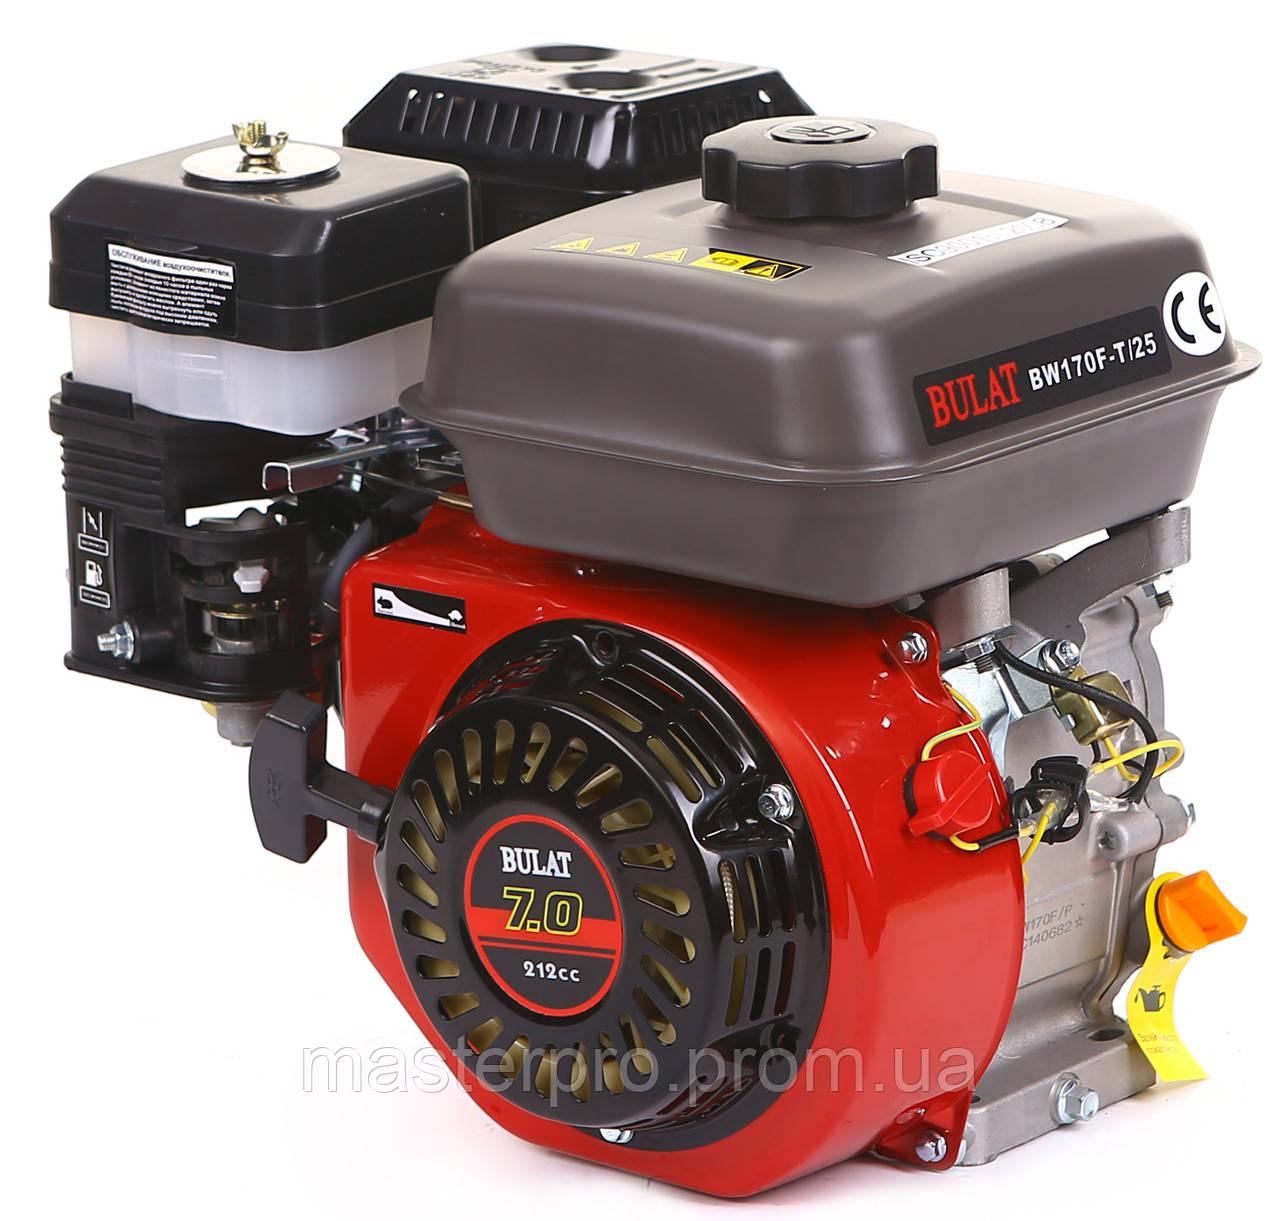 Двигатель бензиновый Bulat BW170F-T/25